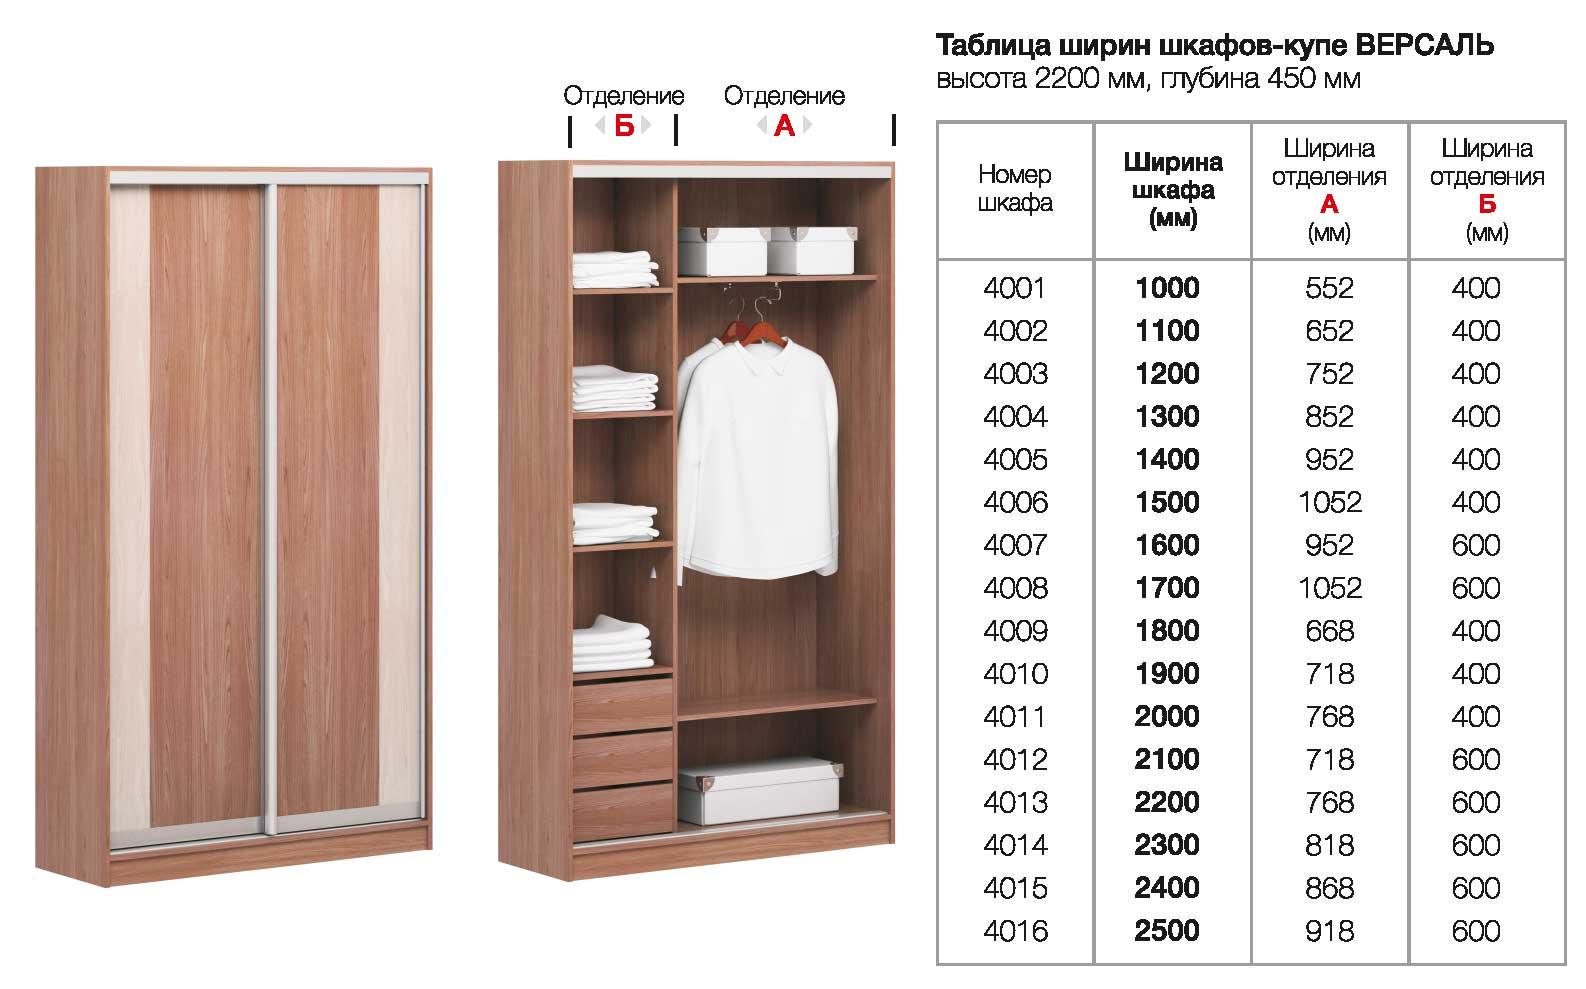 Шкаф купе 400 мм глубина - bengalwood.ru.